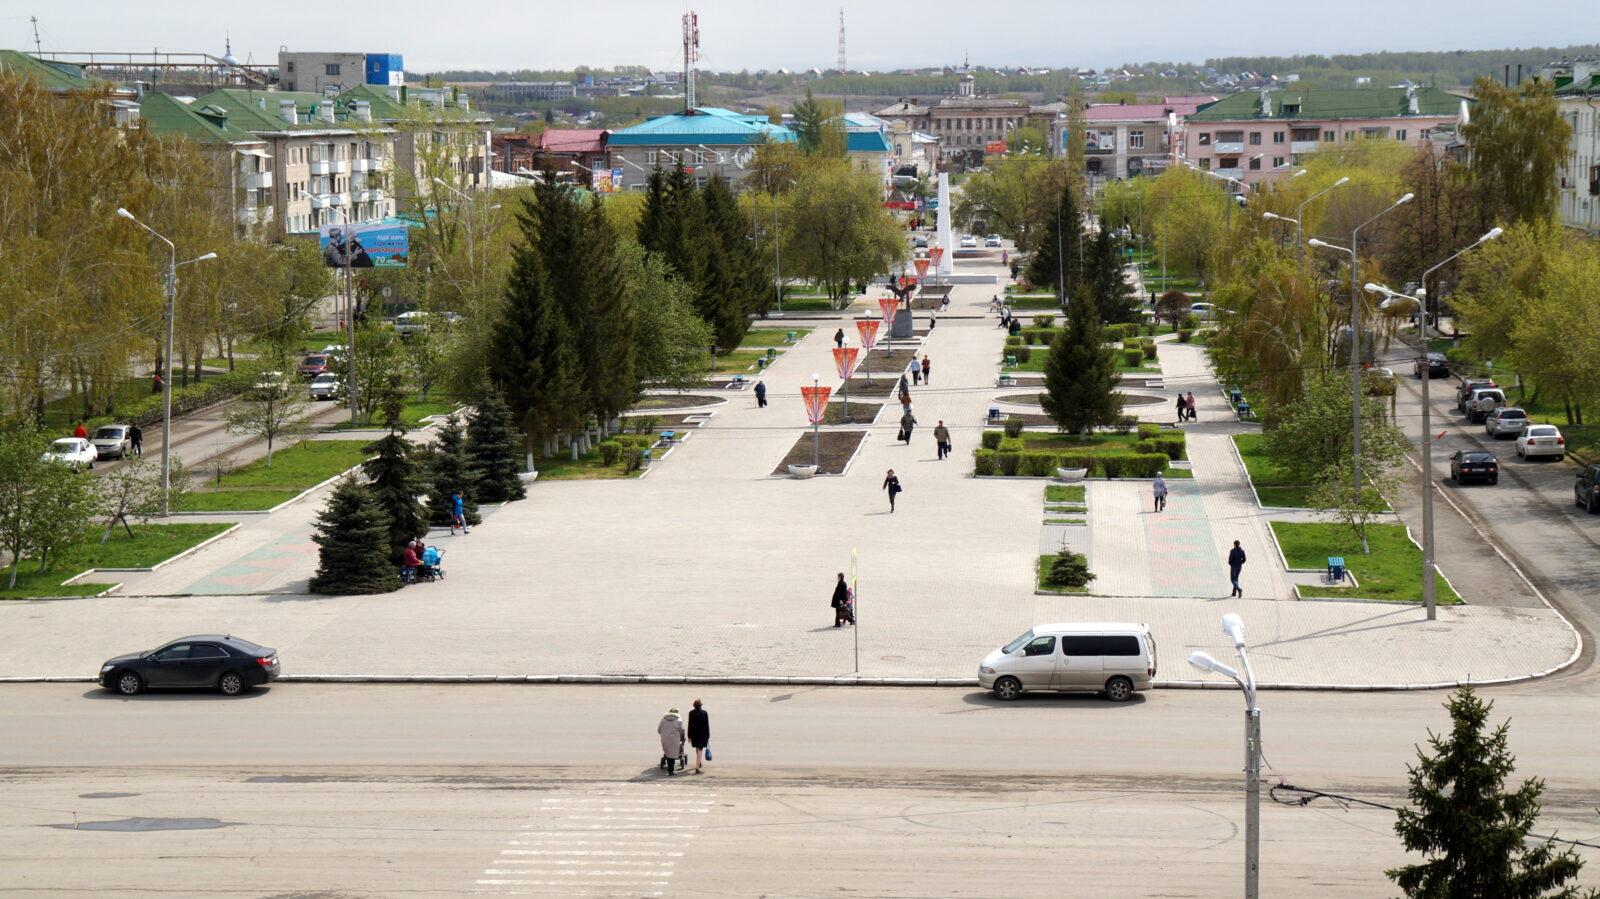 город шадринск курганская область фото модели интересней